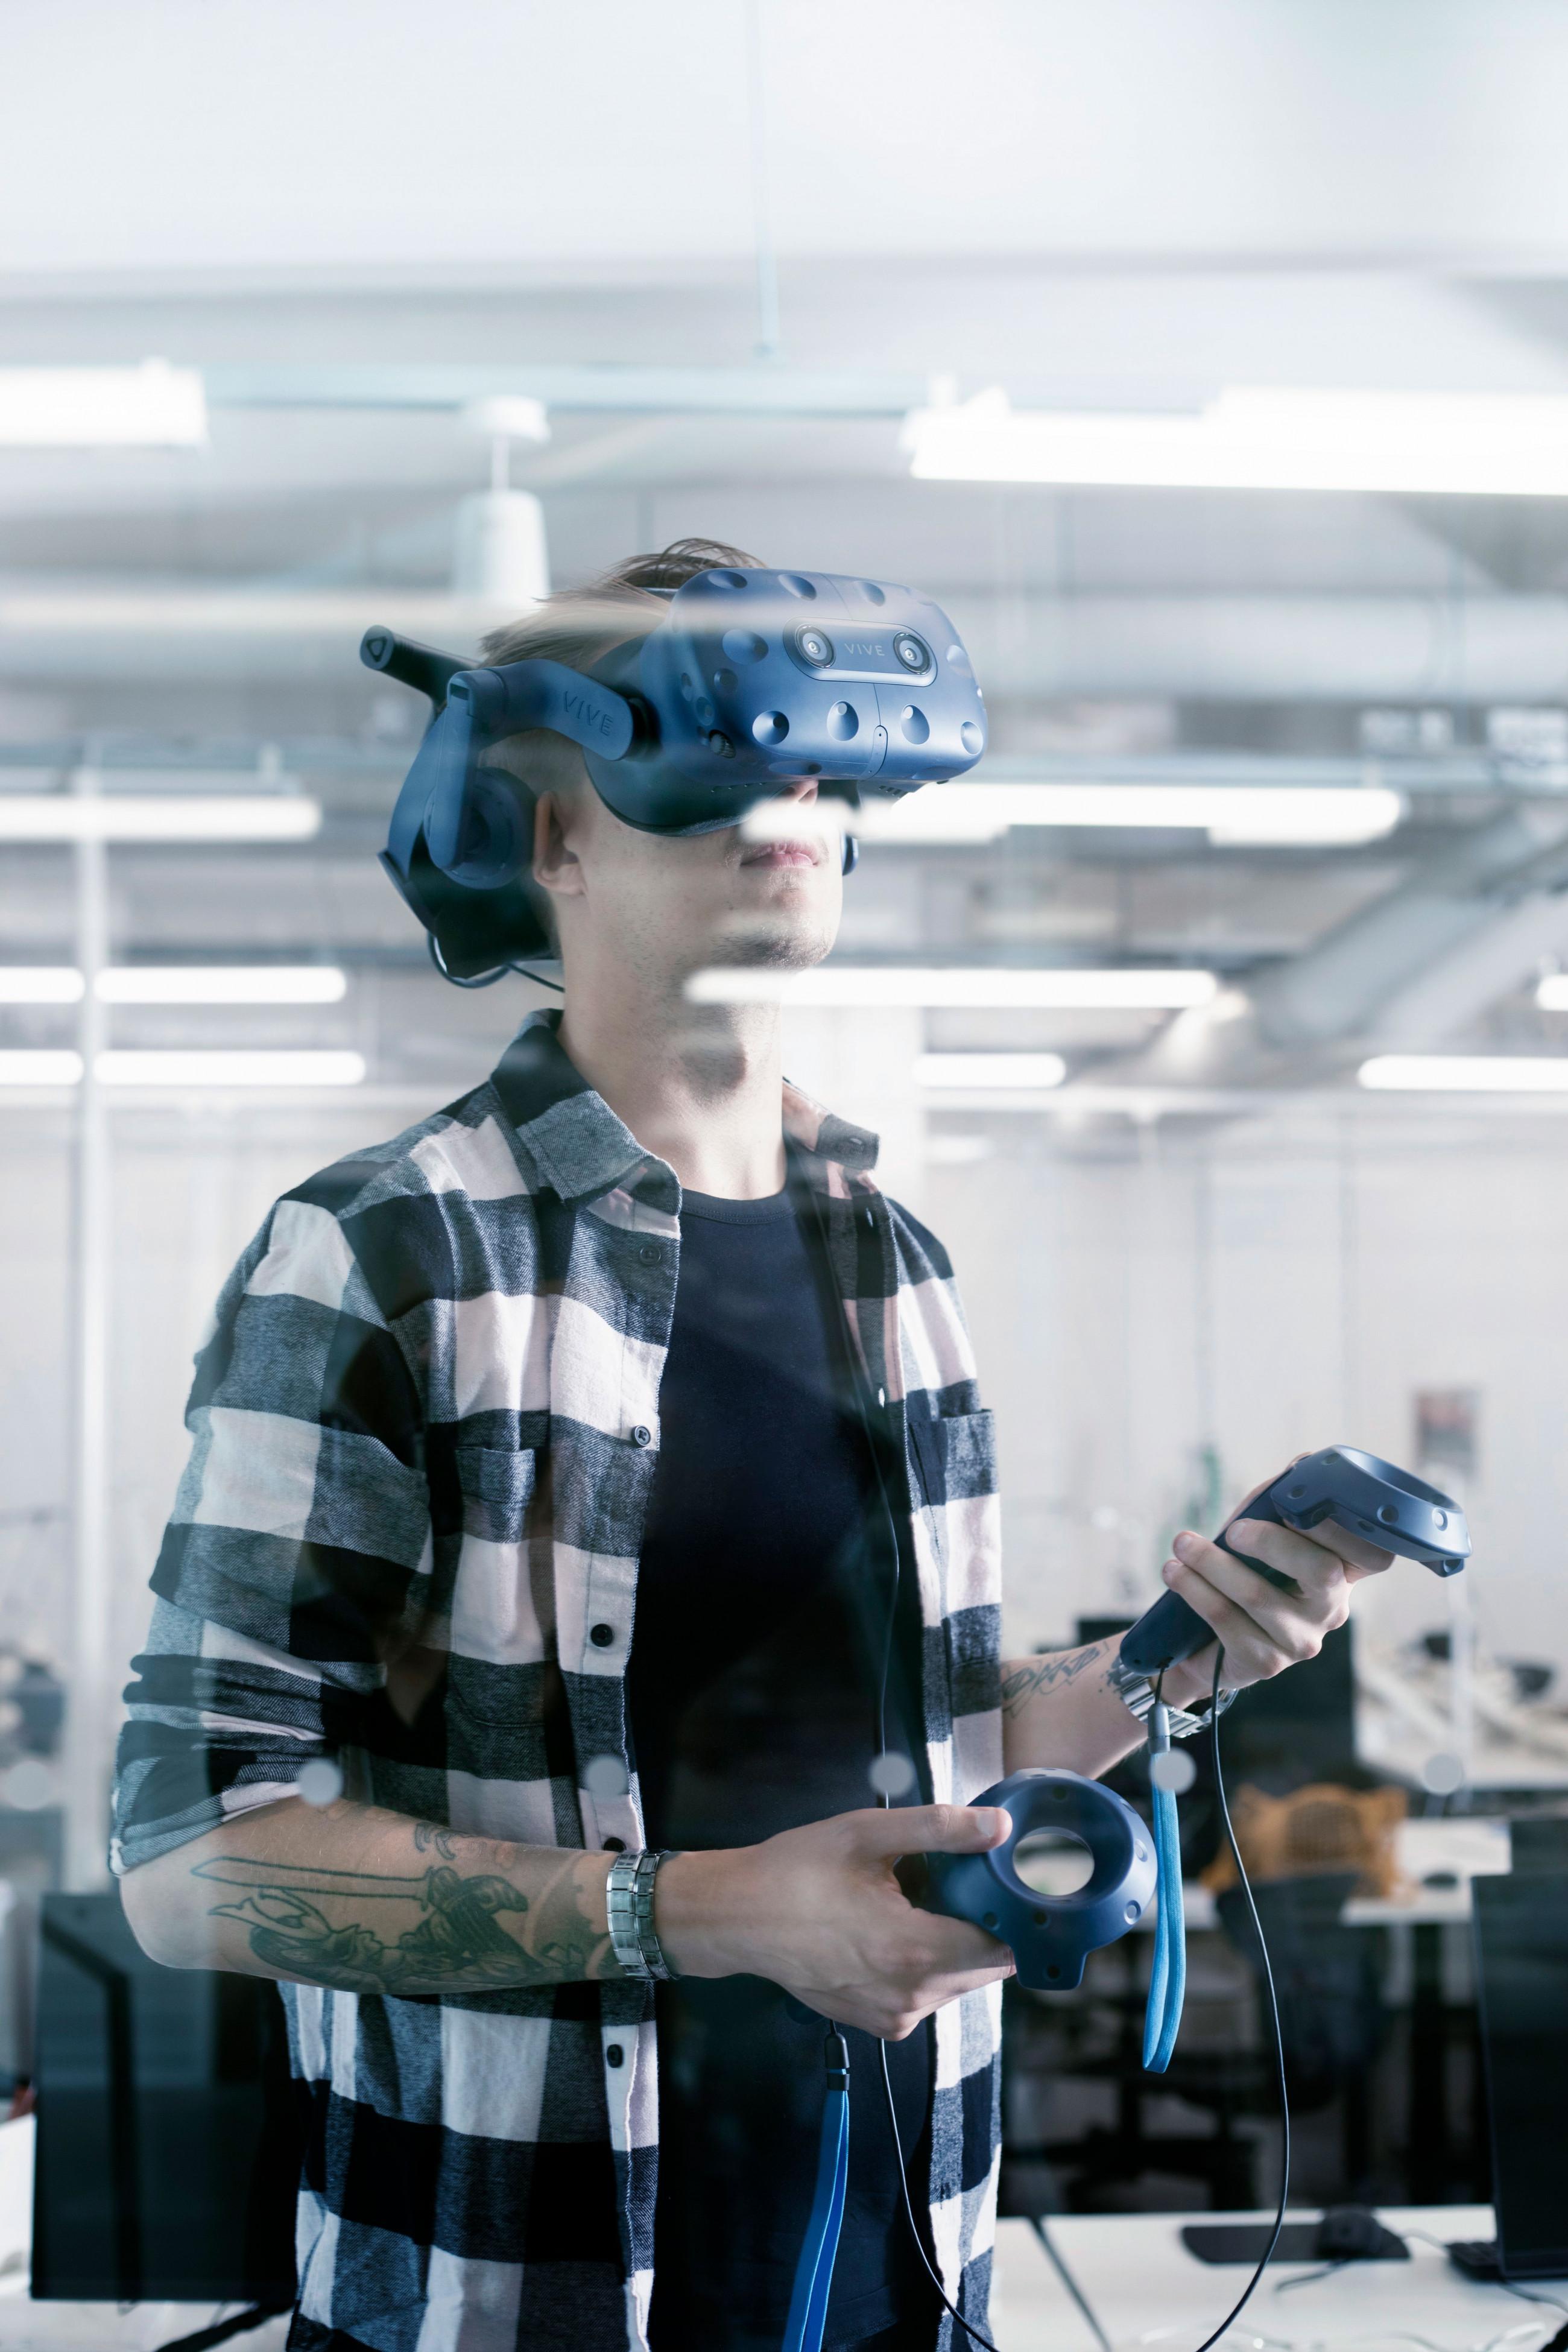 Muotoilija VR-lasit päässä